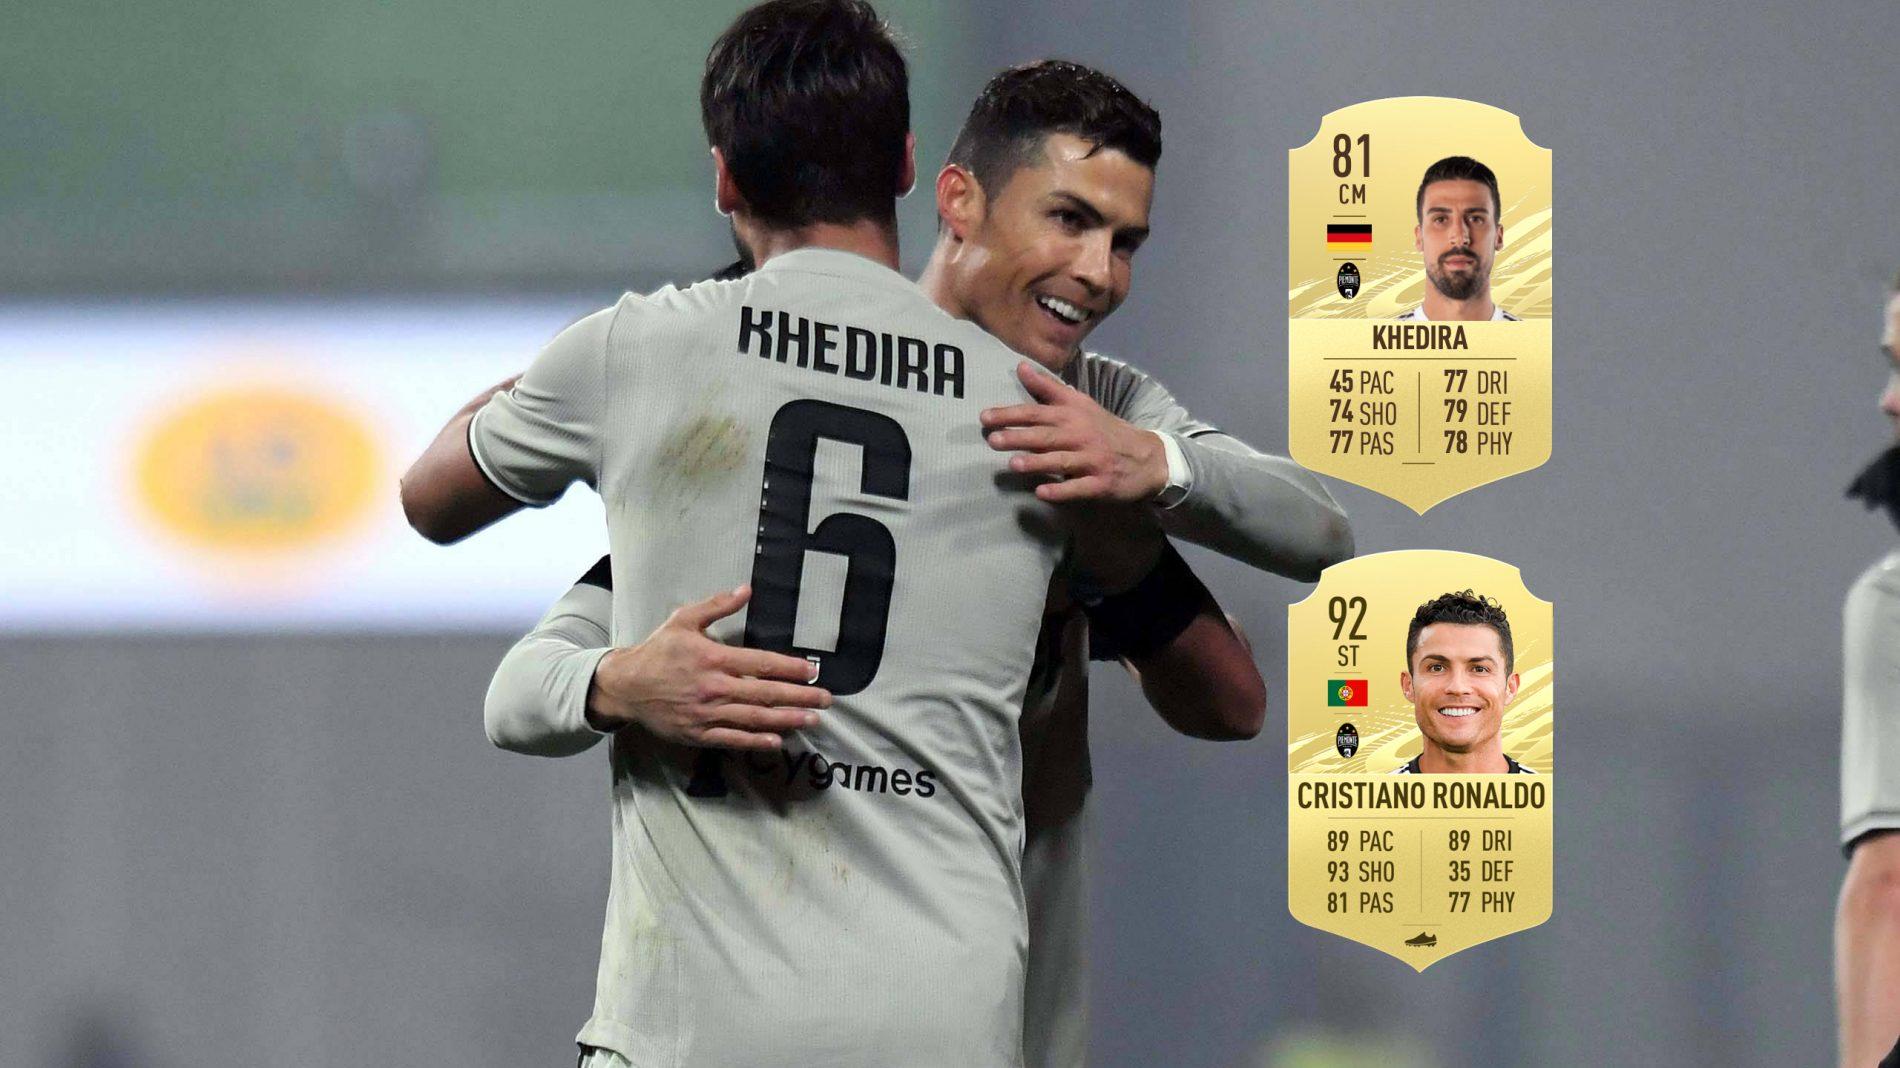 赫迪拉不满FIFA21速度值:C罗能比我快?他自己都不信吧